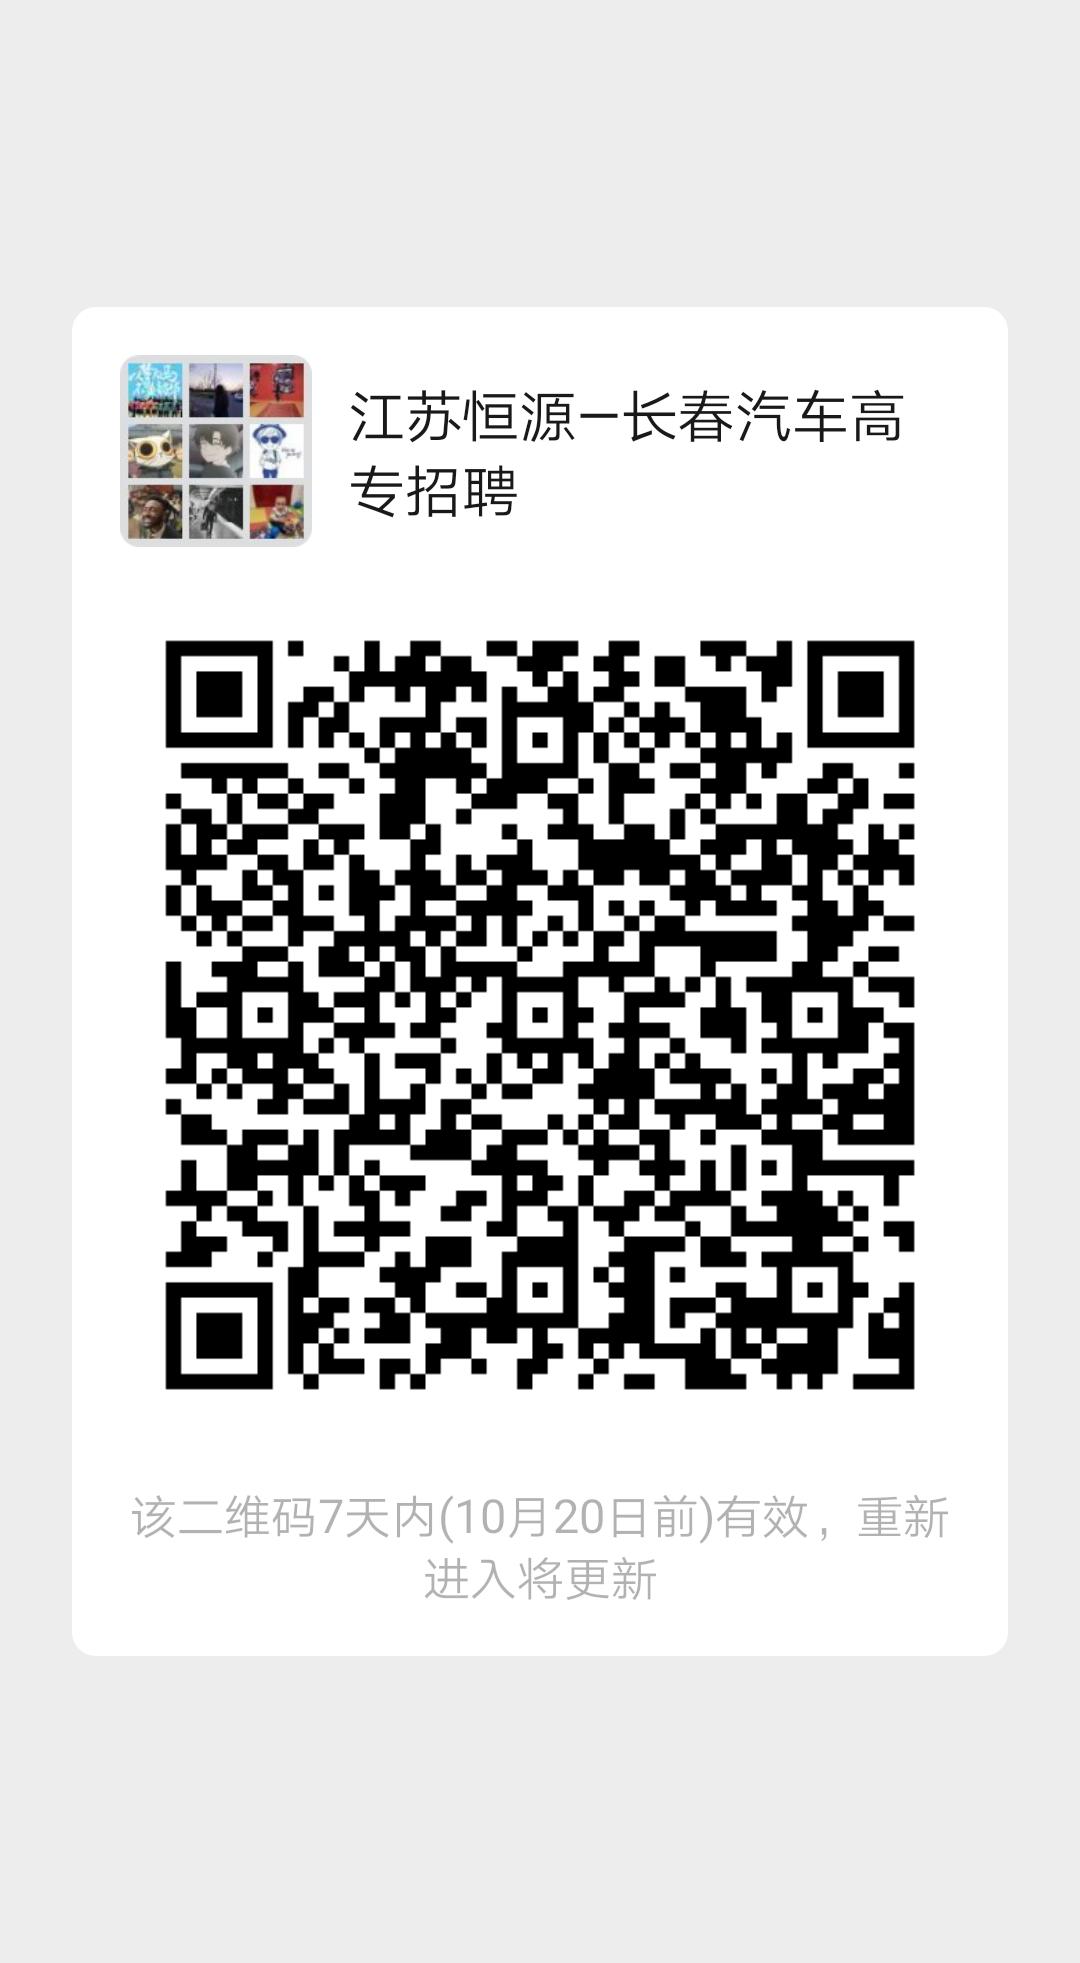 83f60e64f01c50934b2575c2688c74d.png